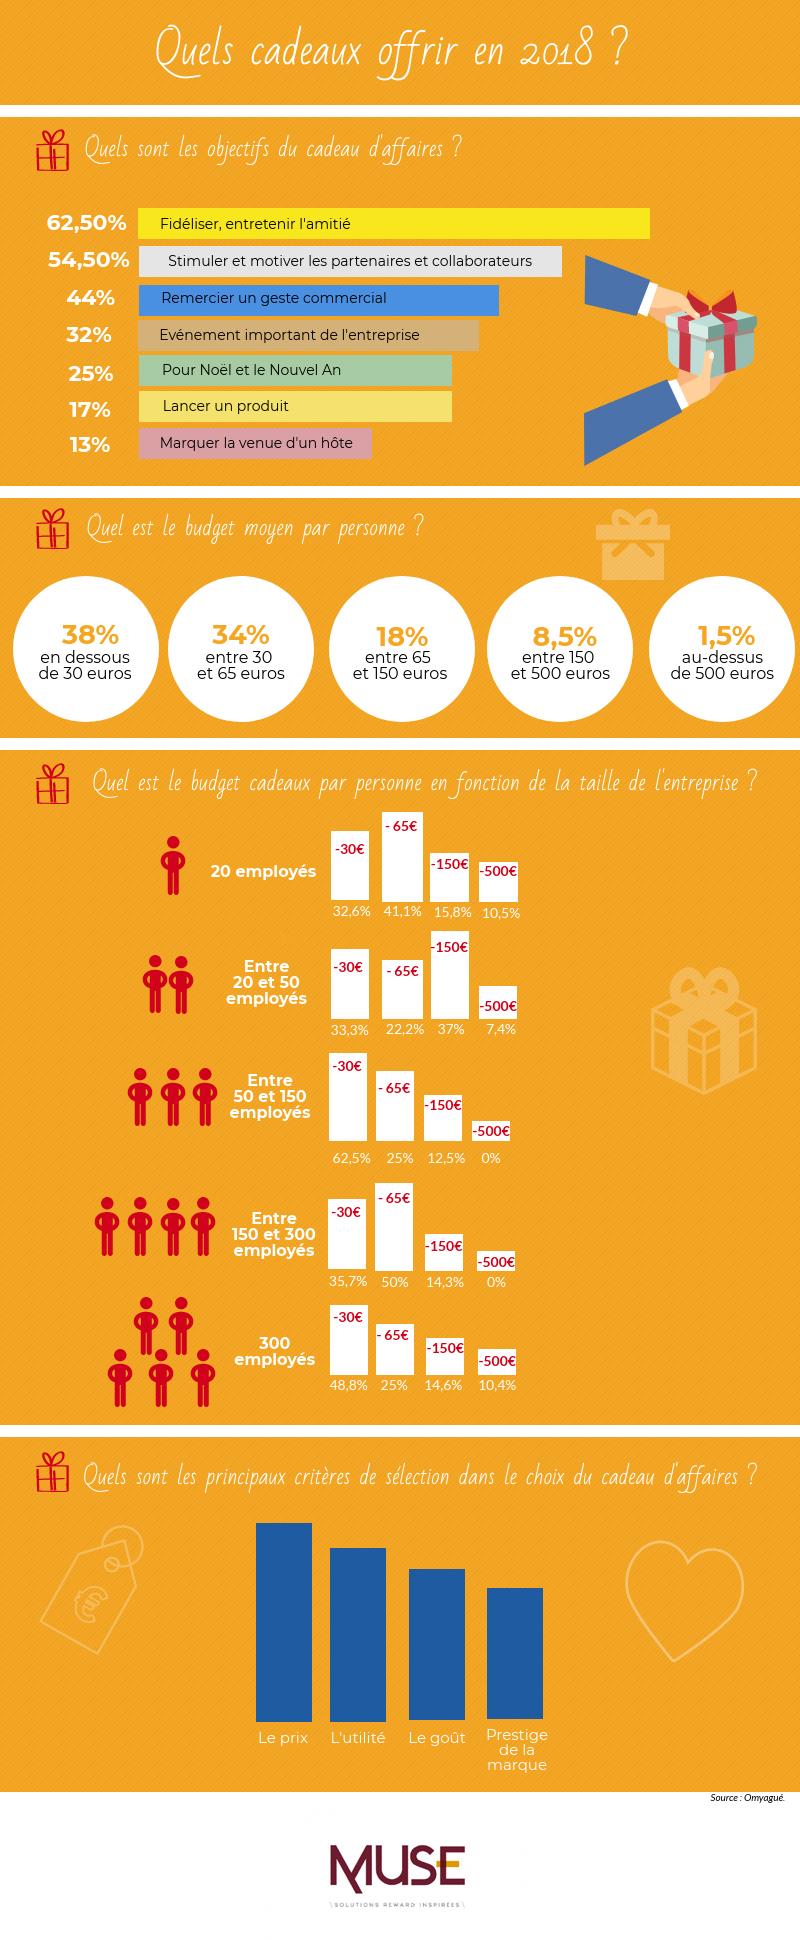 infographie chiffres clés cadeaux d'affaires